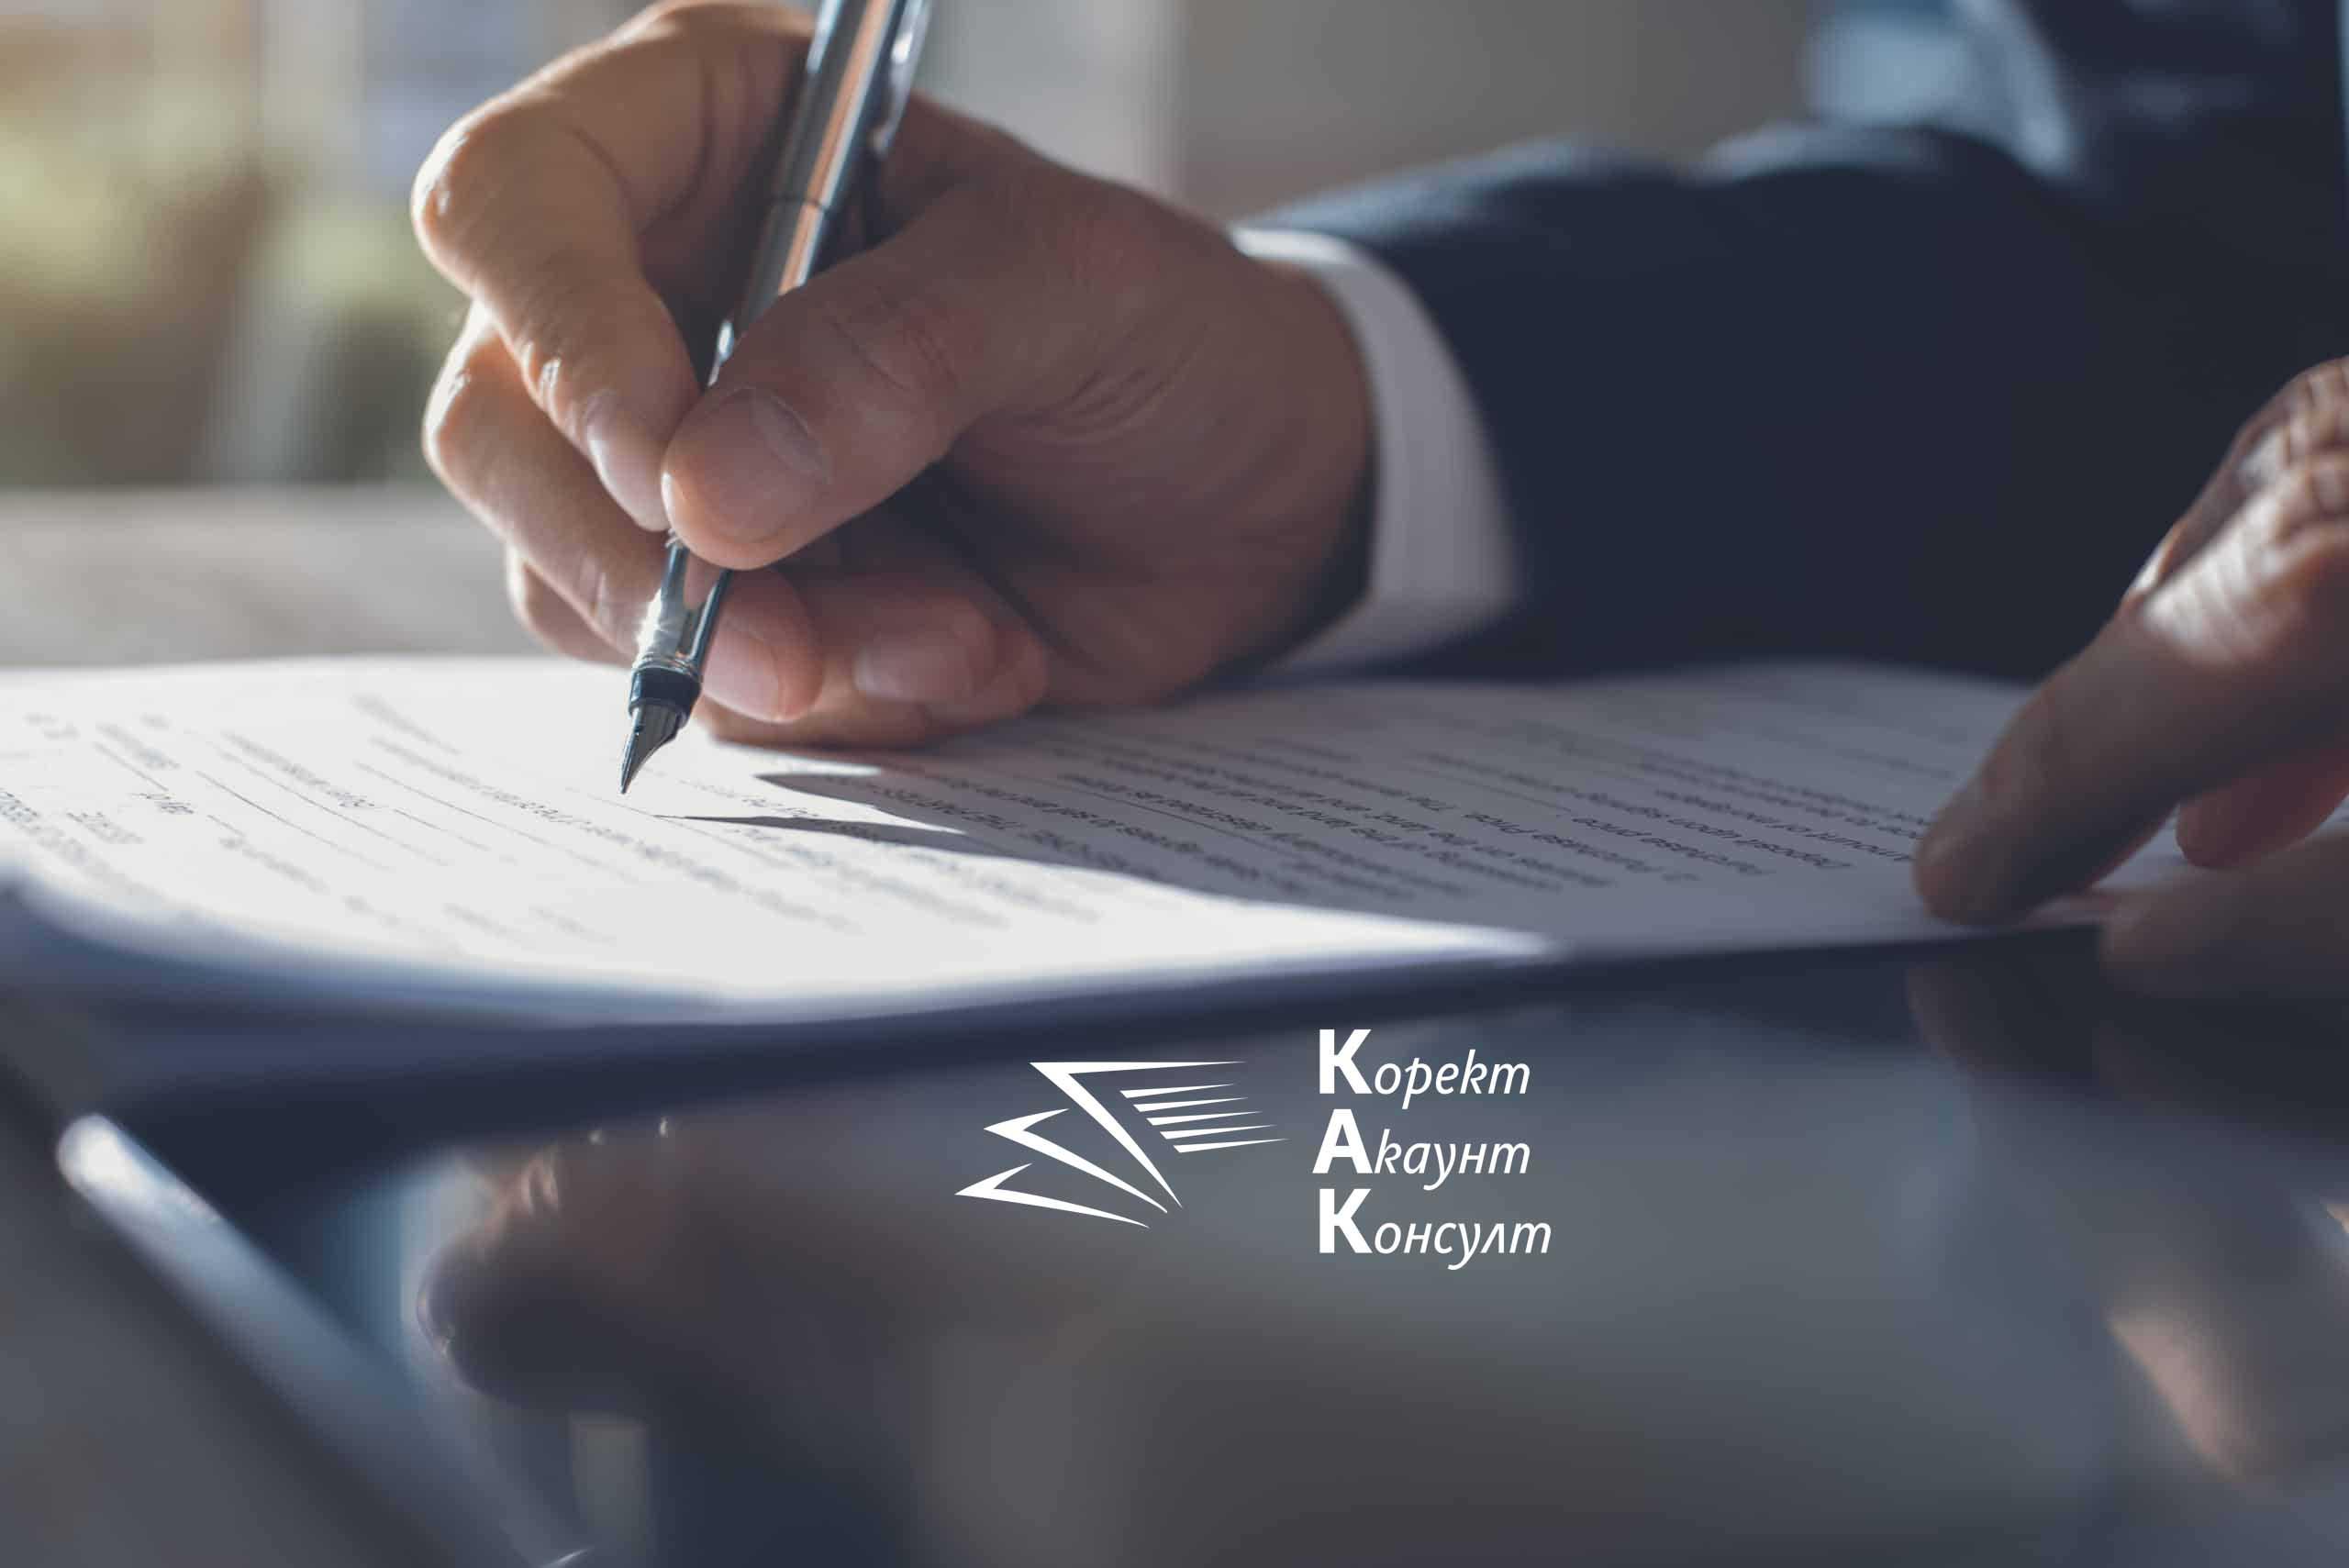 Становище на НАП във връзка със сроковете по ДОПК и материалните данъчни закони по време извънредното положение